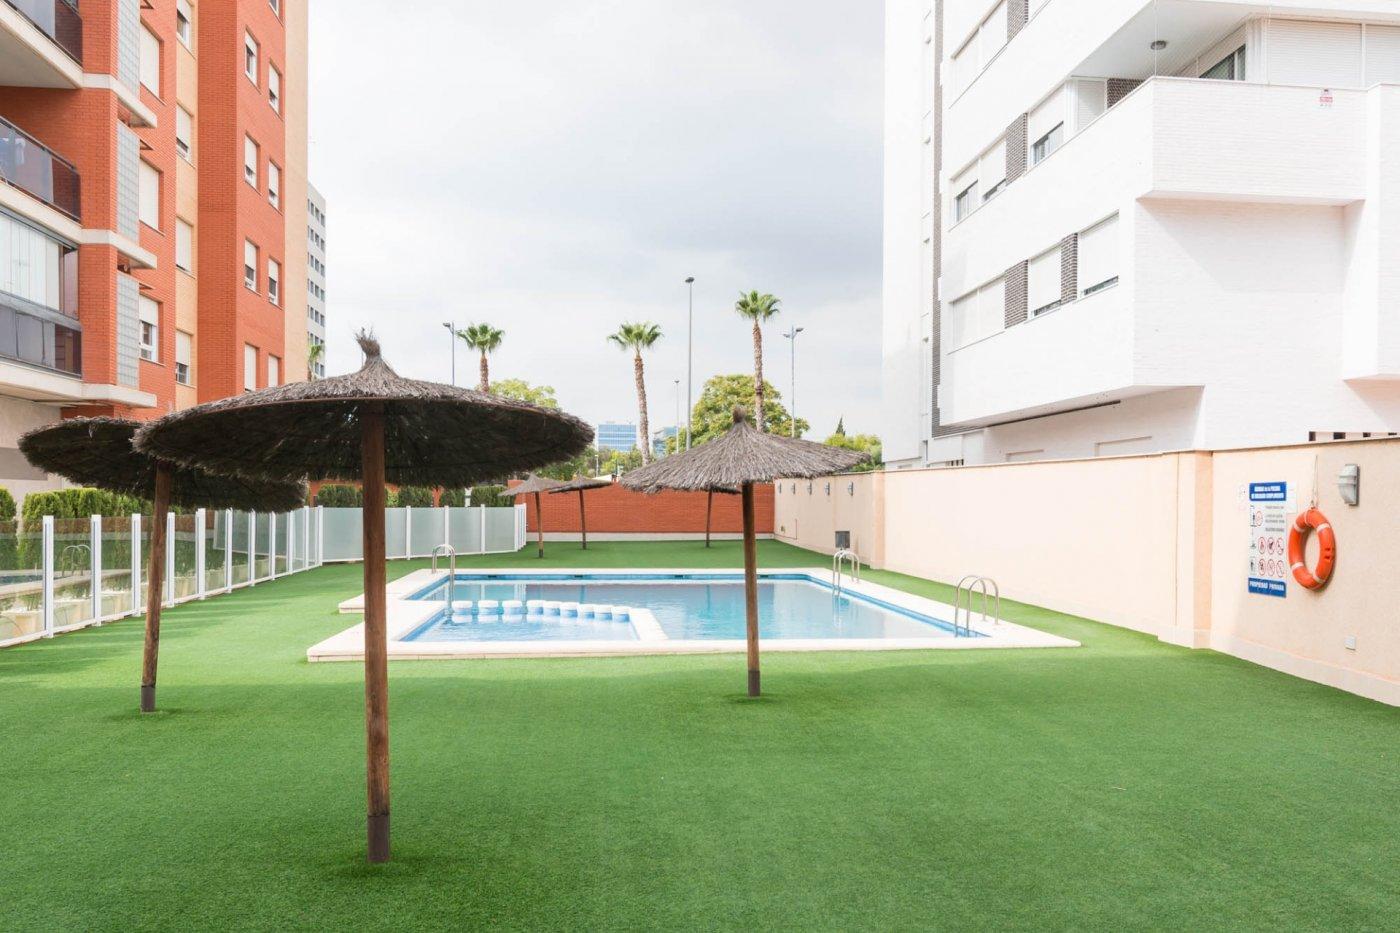 Piso con piscina en avenida juan carlos i - imagenInmueble2